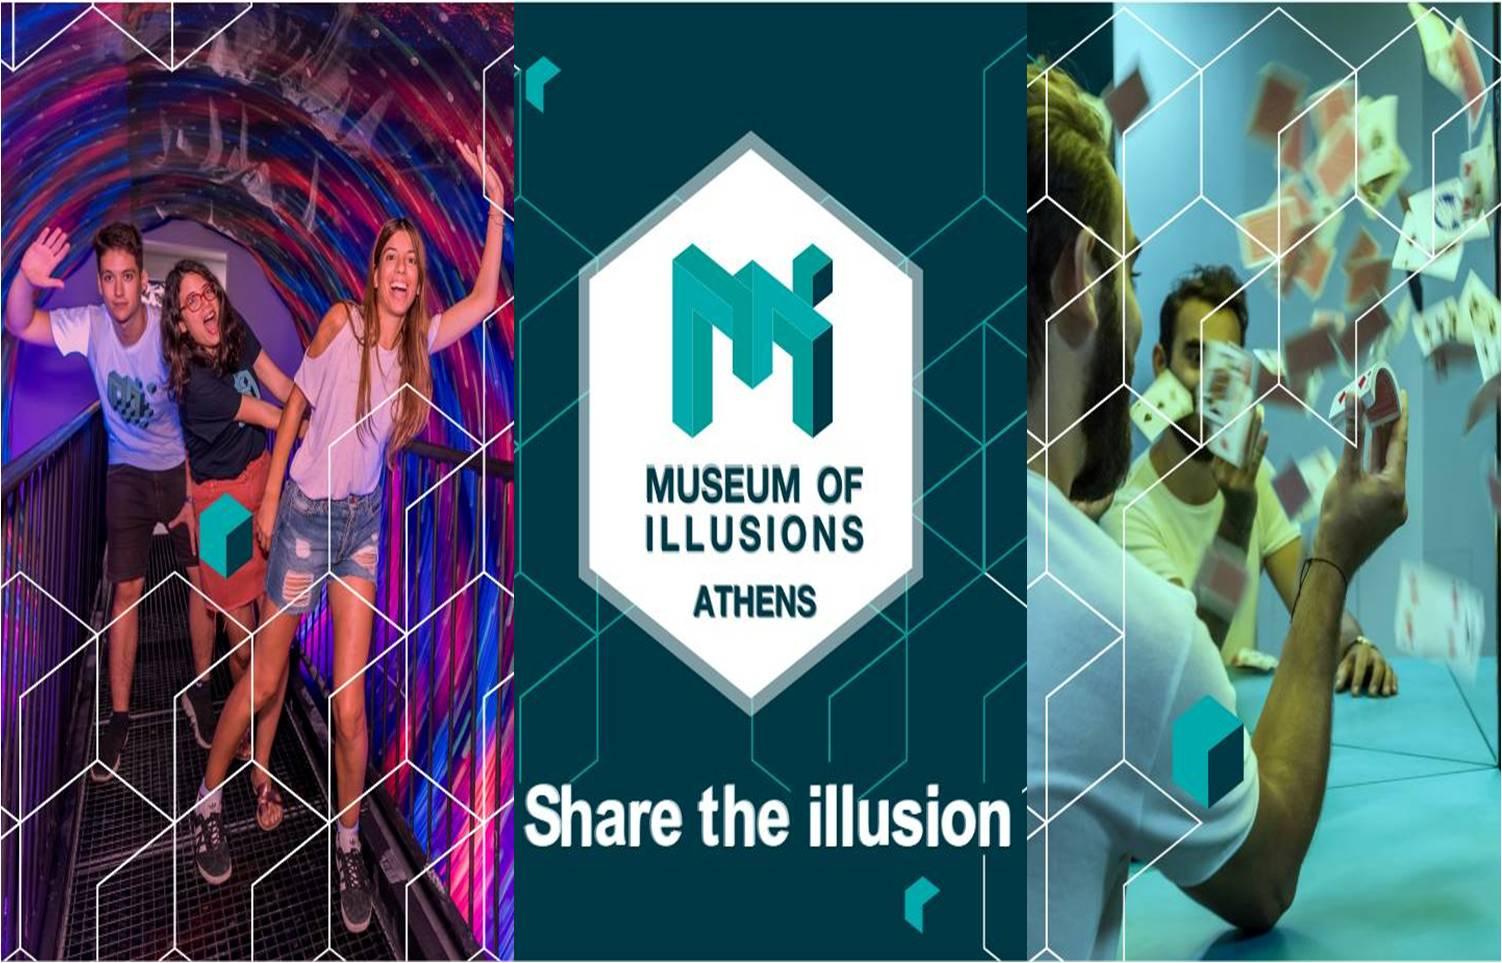 4,5€ από 9€ για είσοδο στο ολοκαίνουργιο ''Museum of Illusions Athens'' (Μουσείο Ψευδαισθήσεων) στην Ερμού! ...γιατί η πραγματικότητα είναι απλά μία ψευδαίσθηση, αν και πολύ επίμονη! Μια εμπειρία ζωής! εικόνα